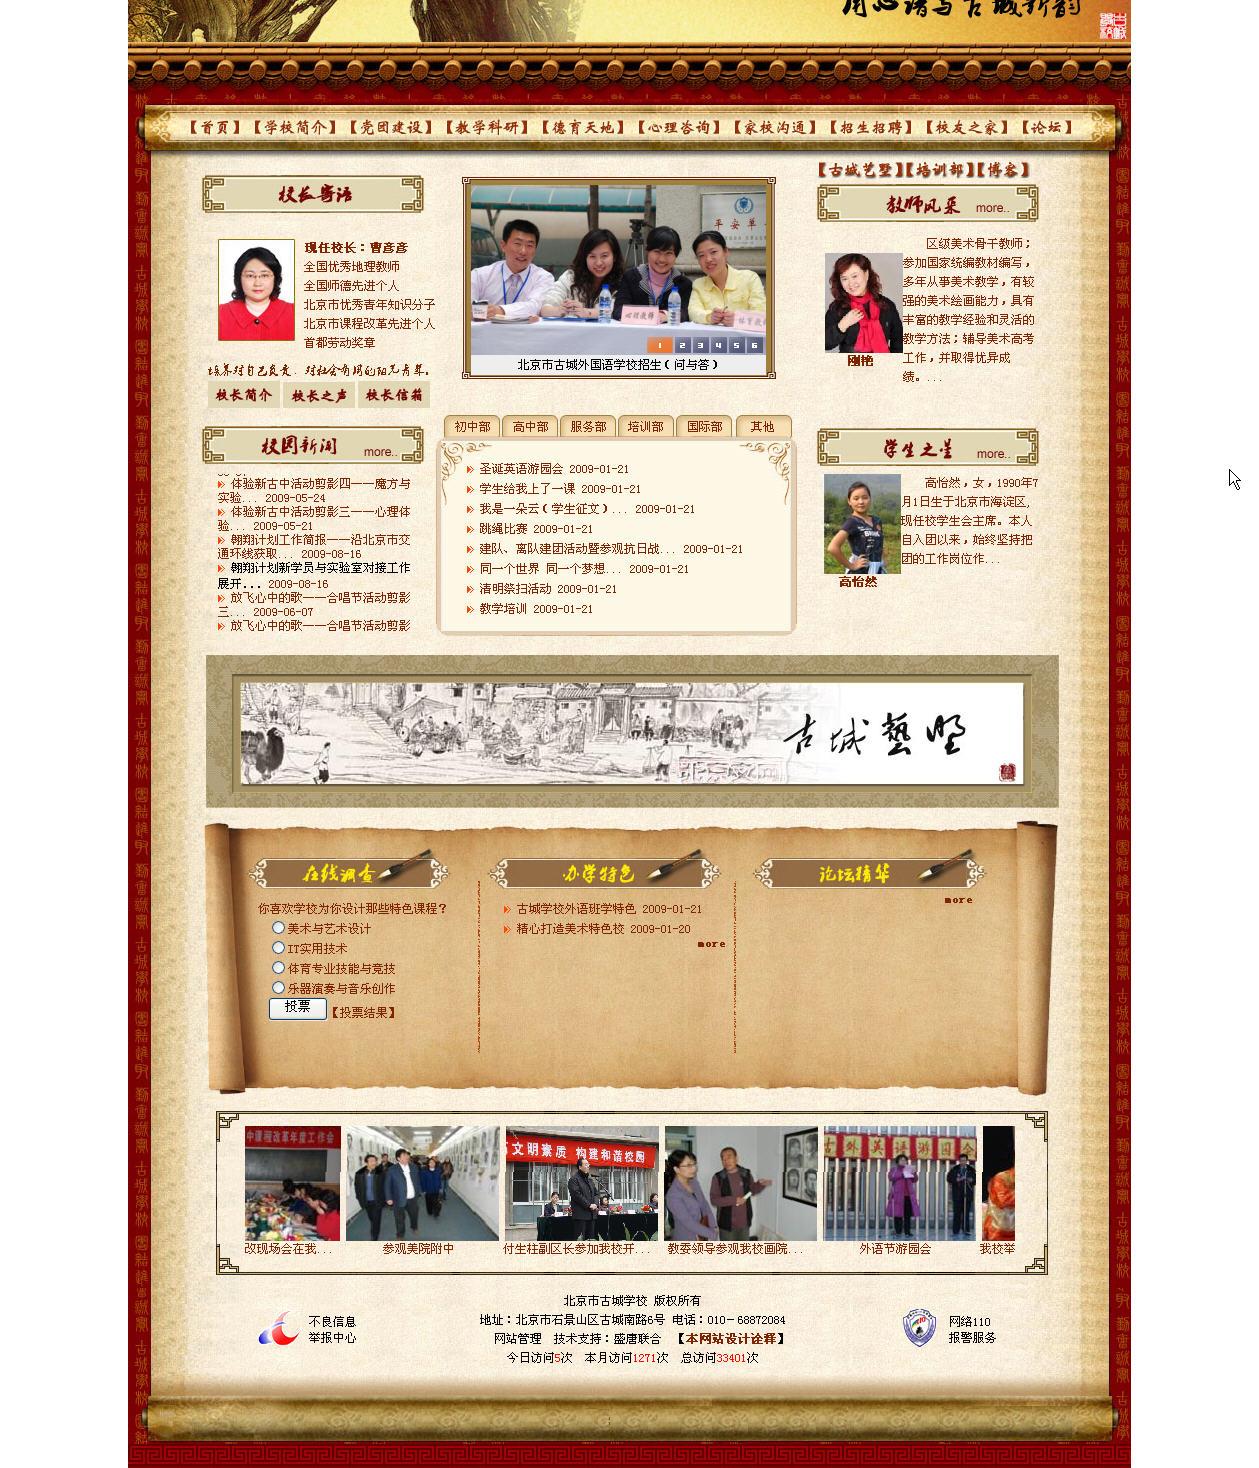 北京市古城高级中学